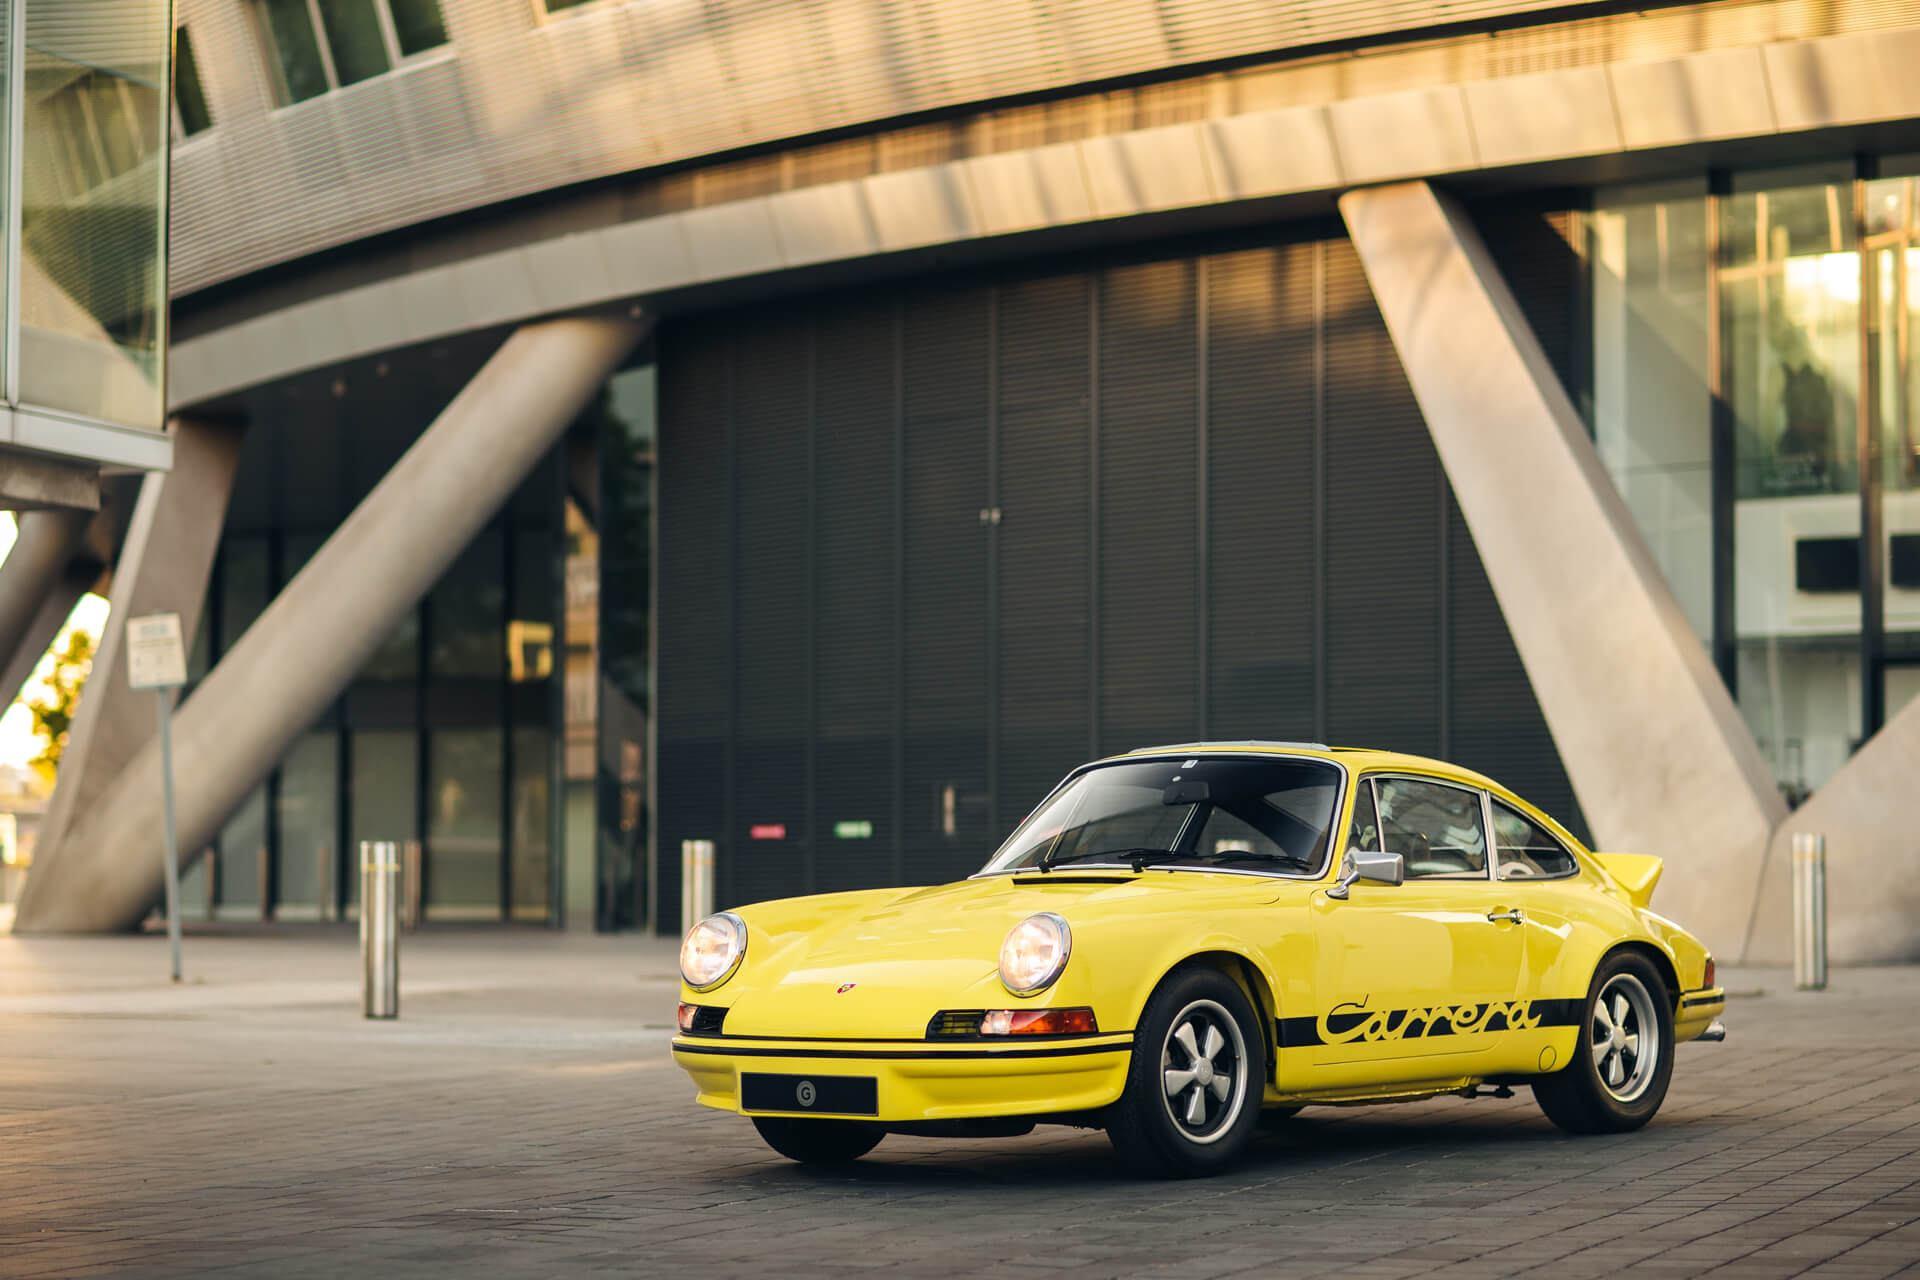 Porsche 2.7 RS Lightweight - Girardo & Co